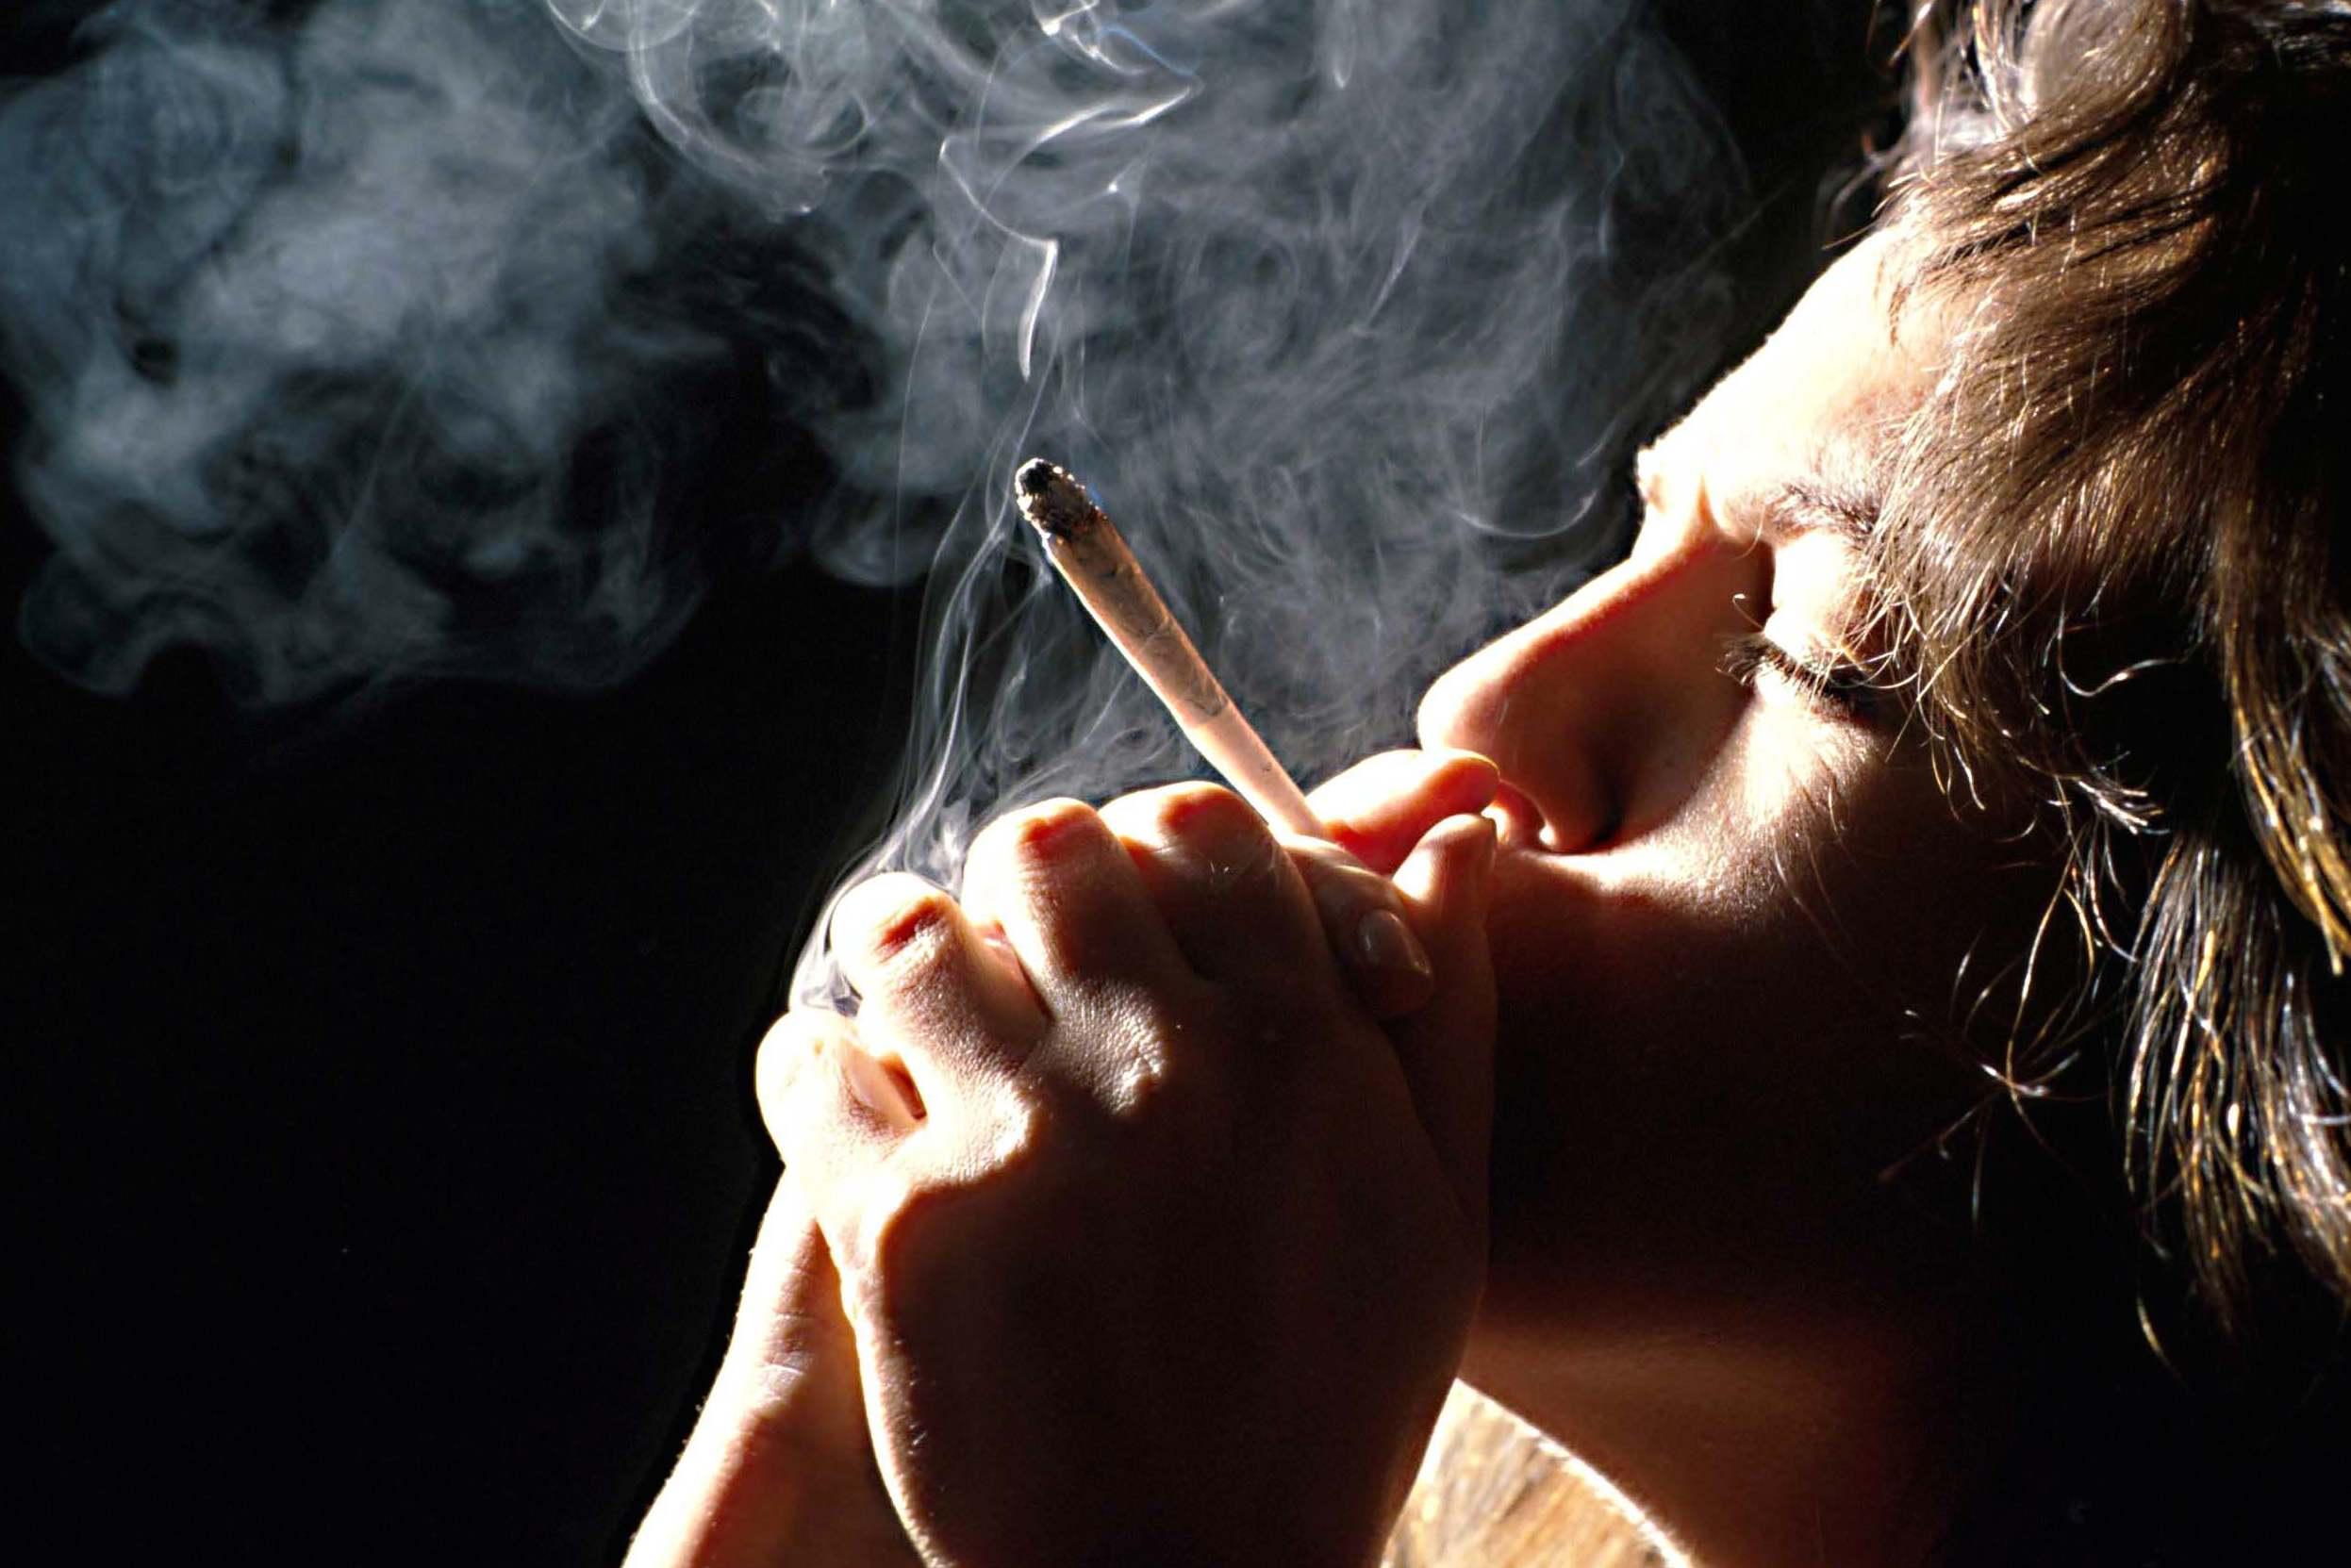 Le cannabis de plus en plus répandu chez les 18-25 ans